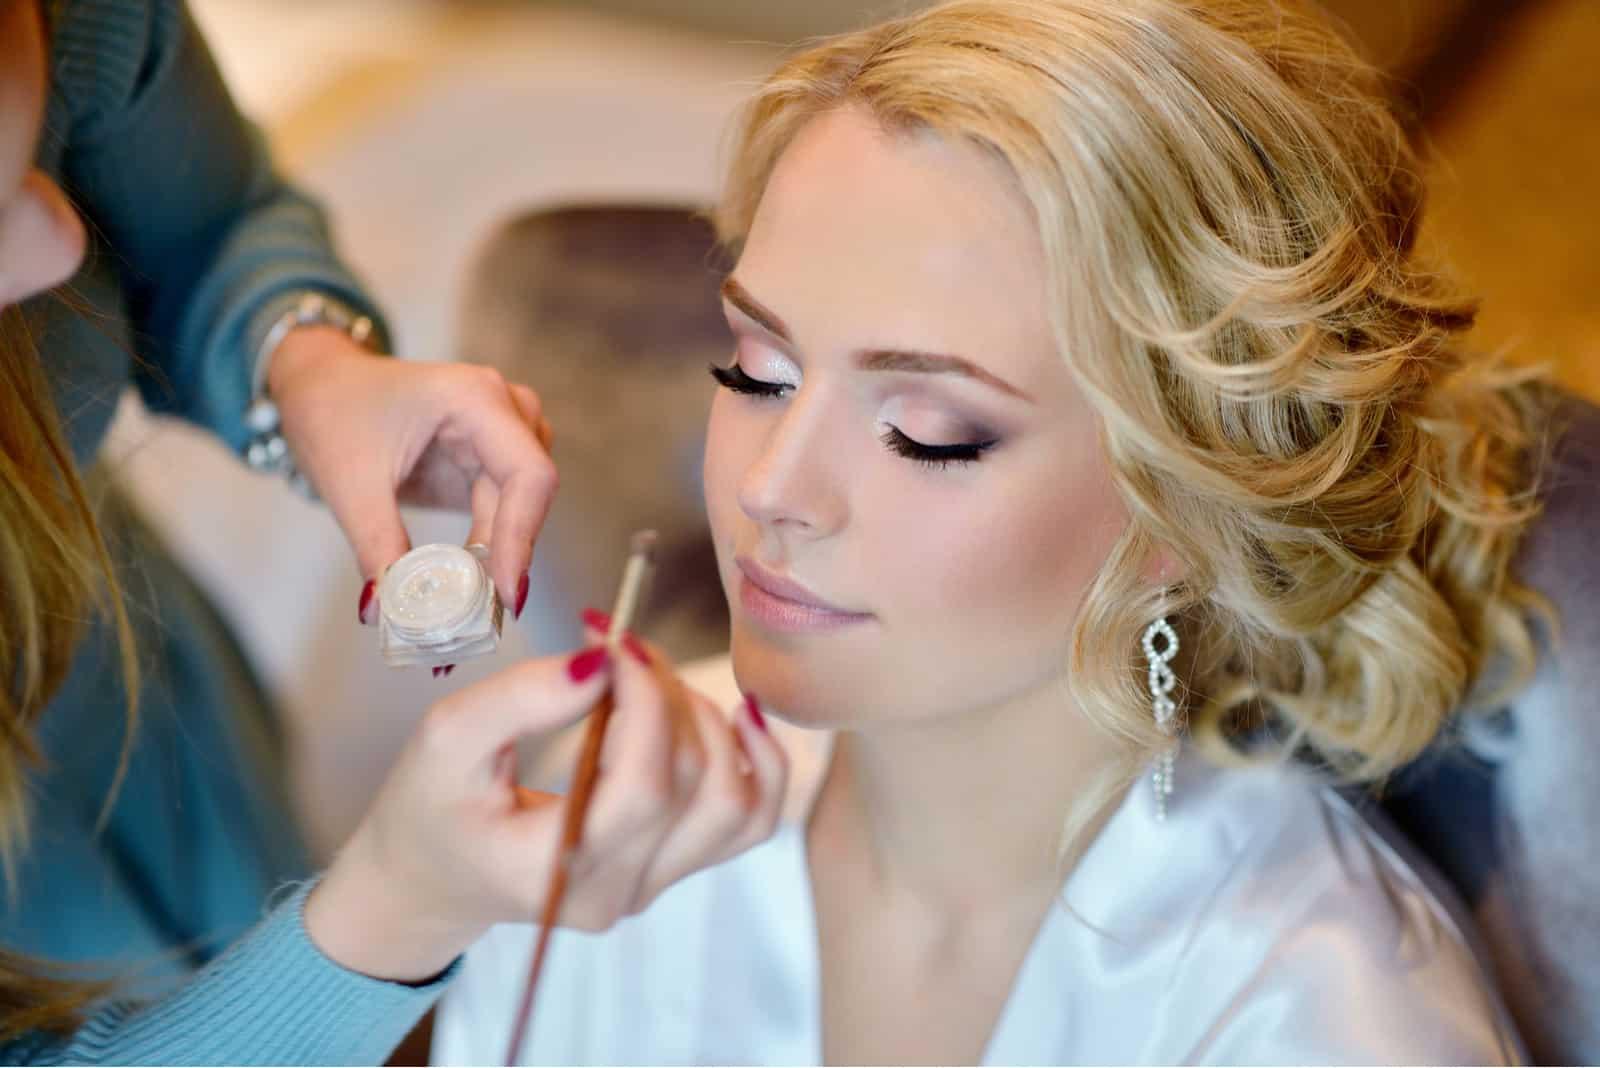 Hochzeits-Maskenbildner machen ein Make-up für die Braut